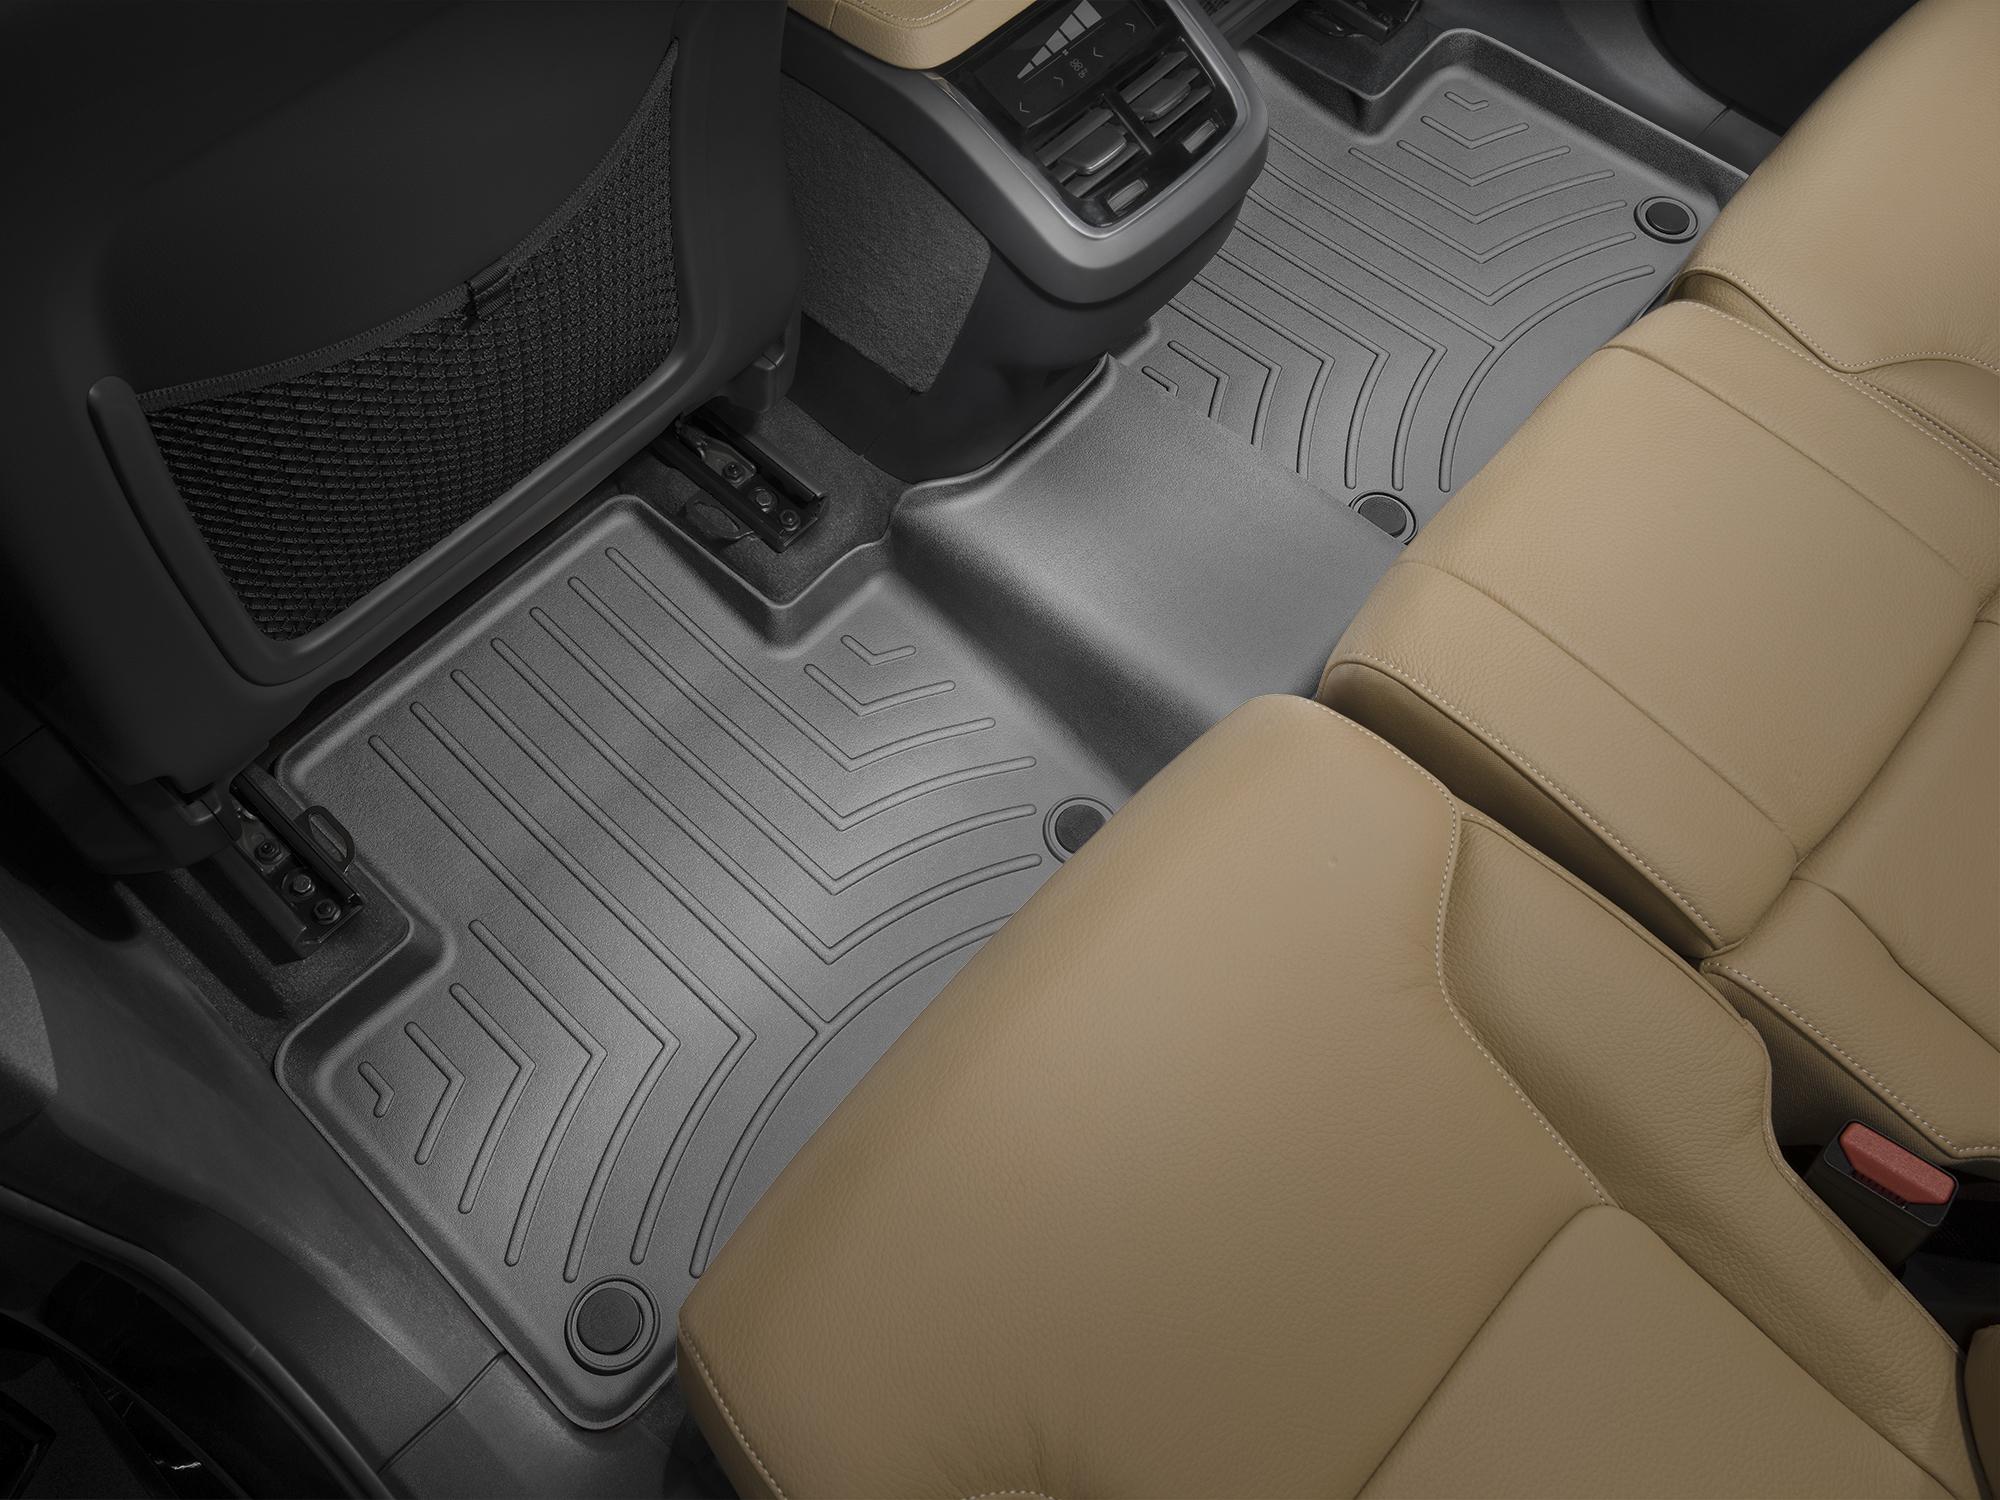 Tappeti gomma su misura bordo alto Volvo XC90 15>17 Nero A4462*